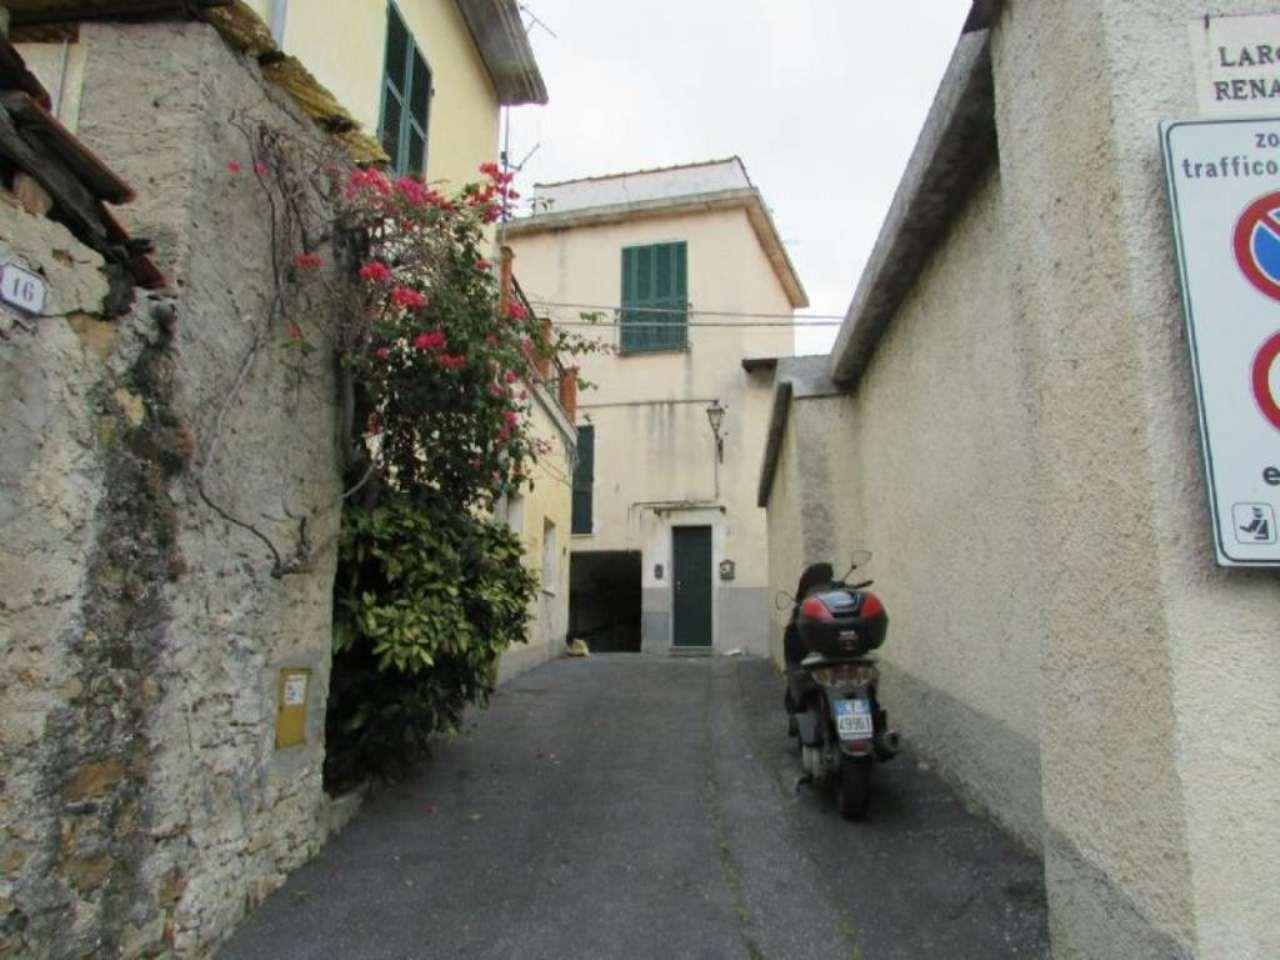 Soluzione Indipendente in vendita a Diano Marina, 3 locali, prezzo € 129.000 | Cambio Casa.it